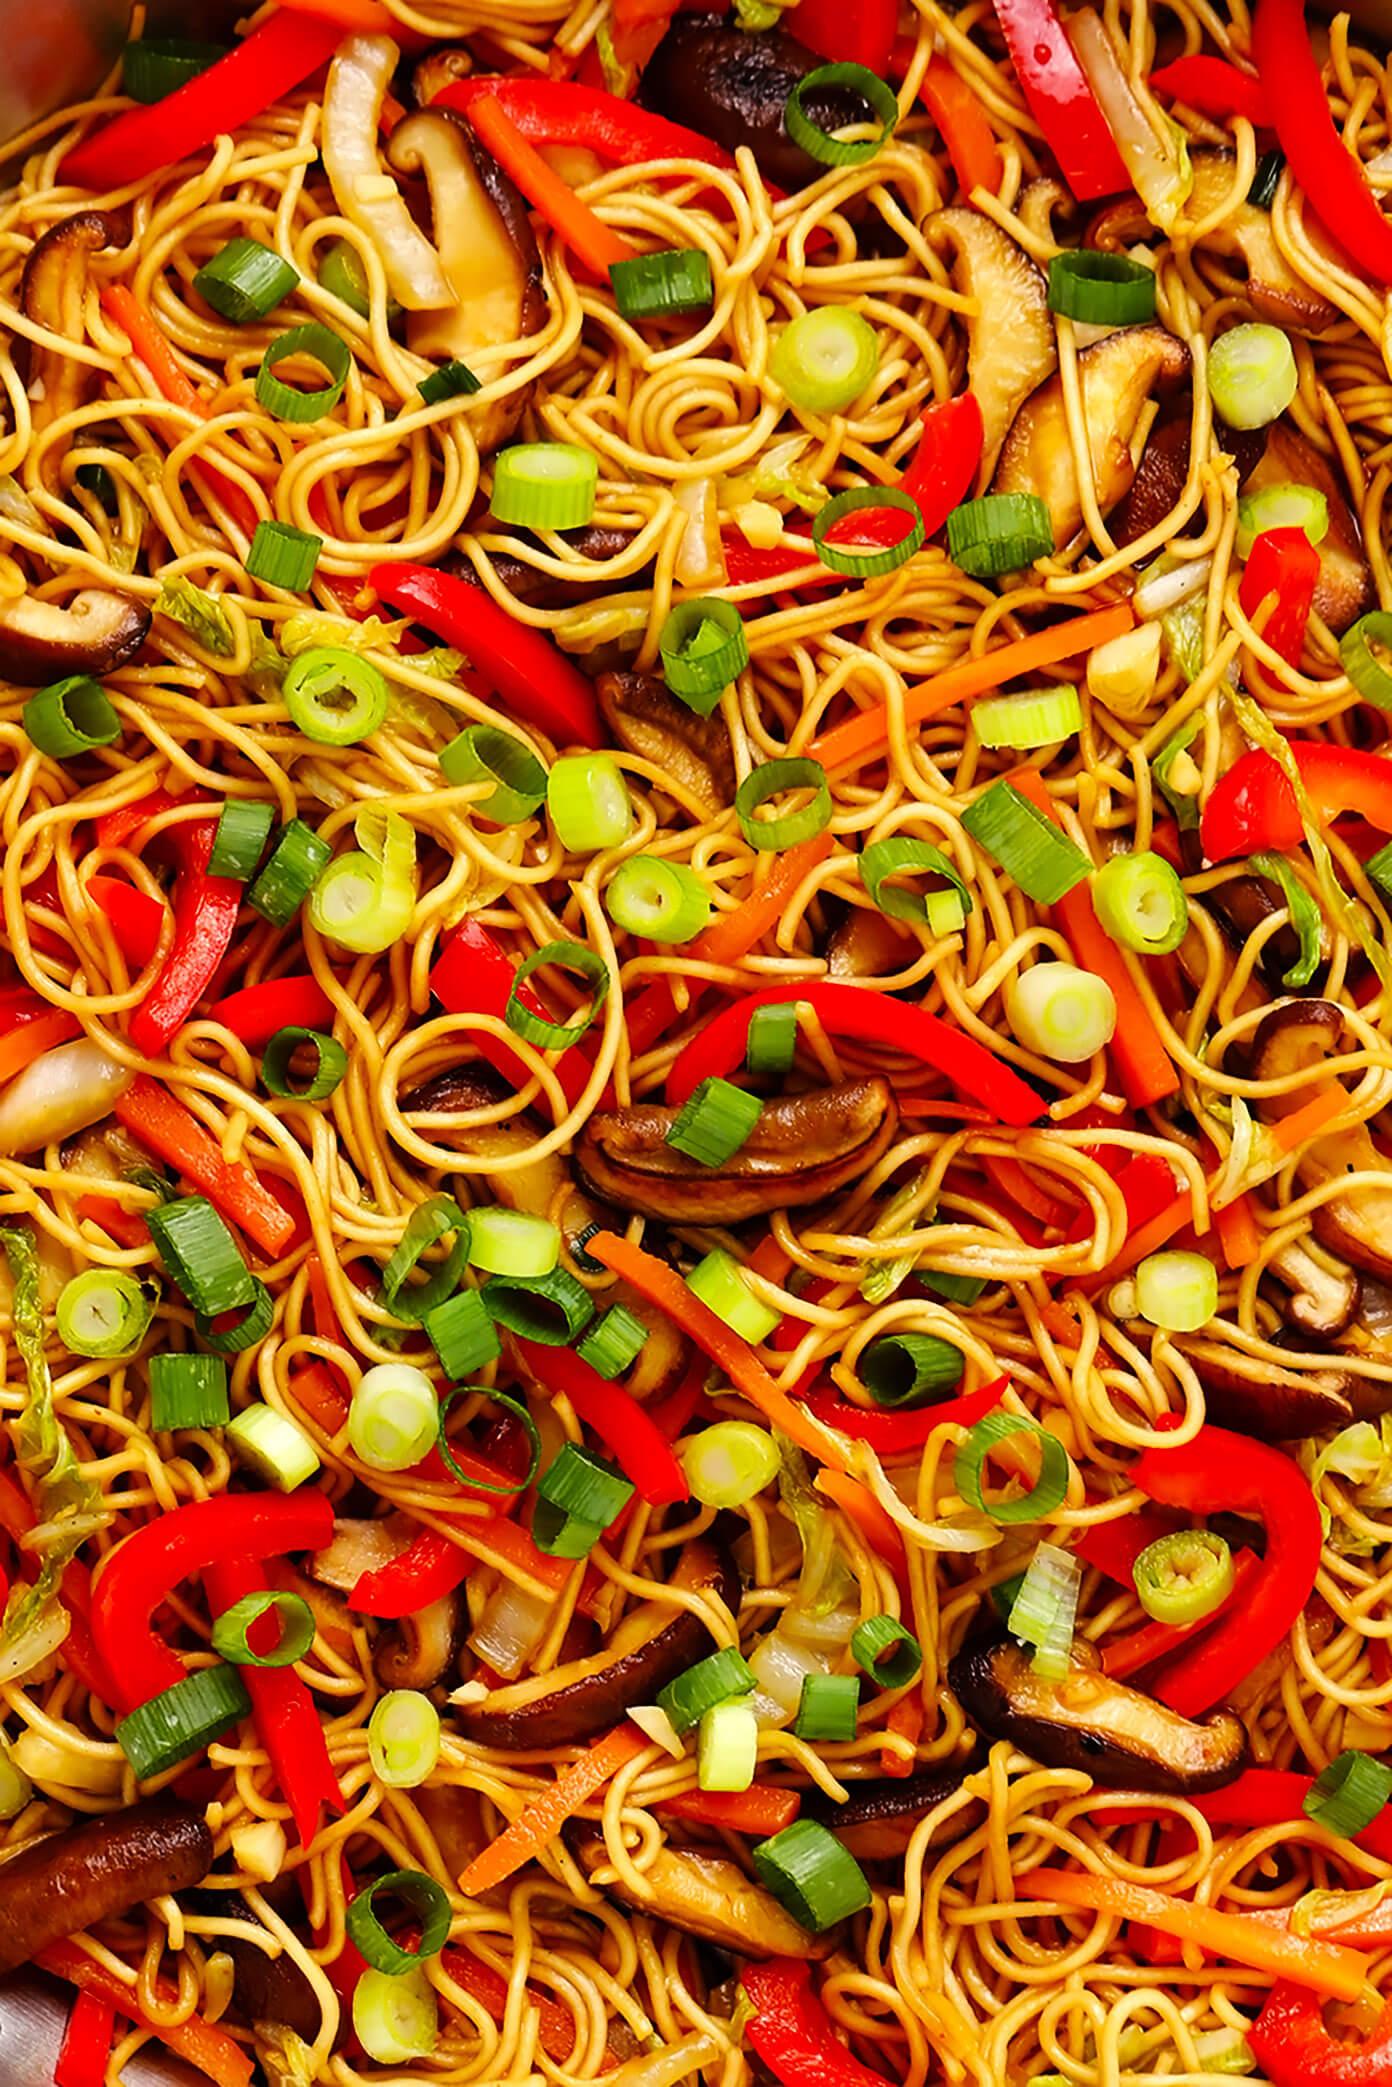 Chow Mein Noodles Closeup